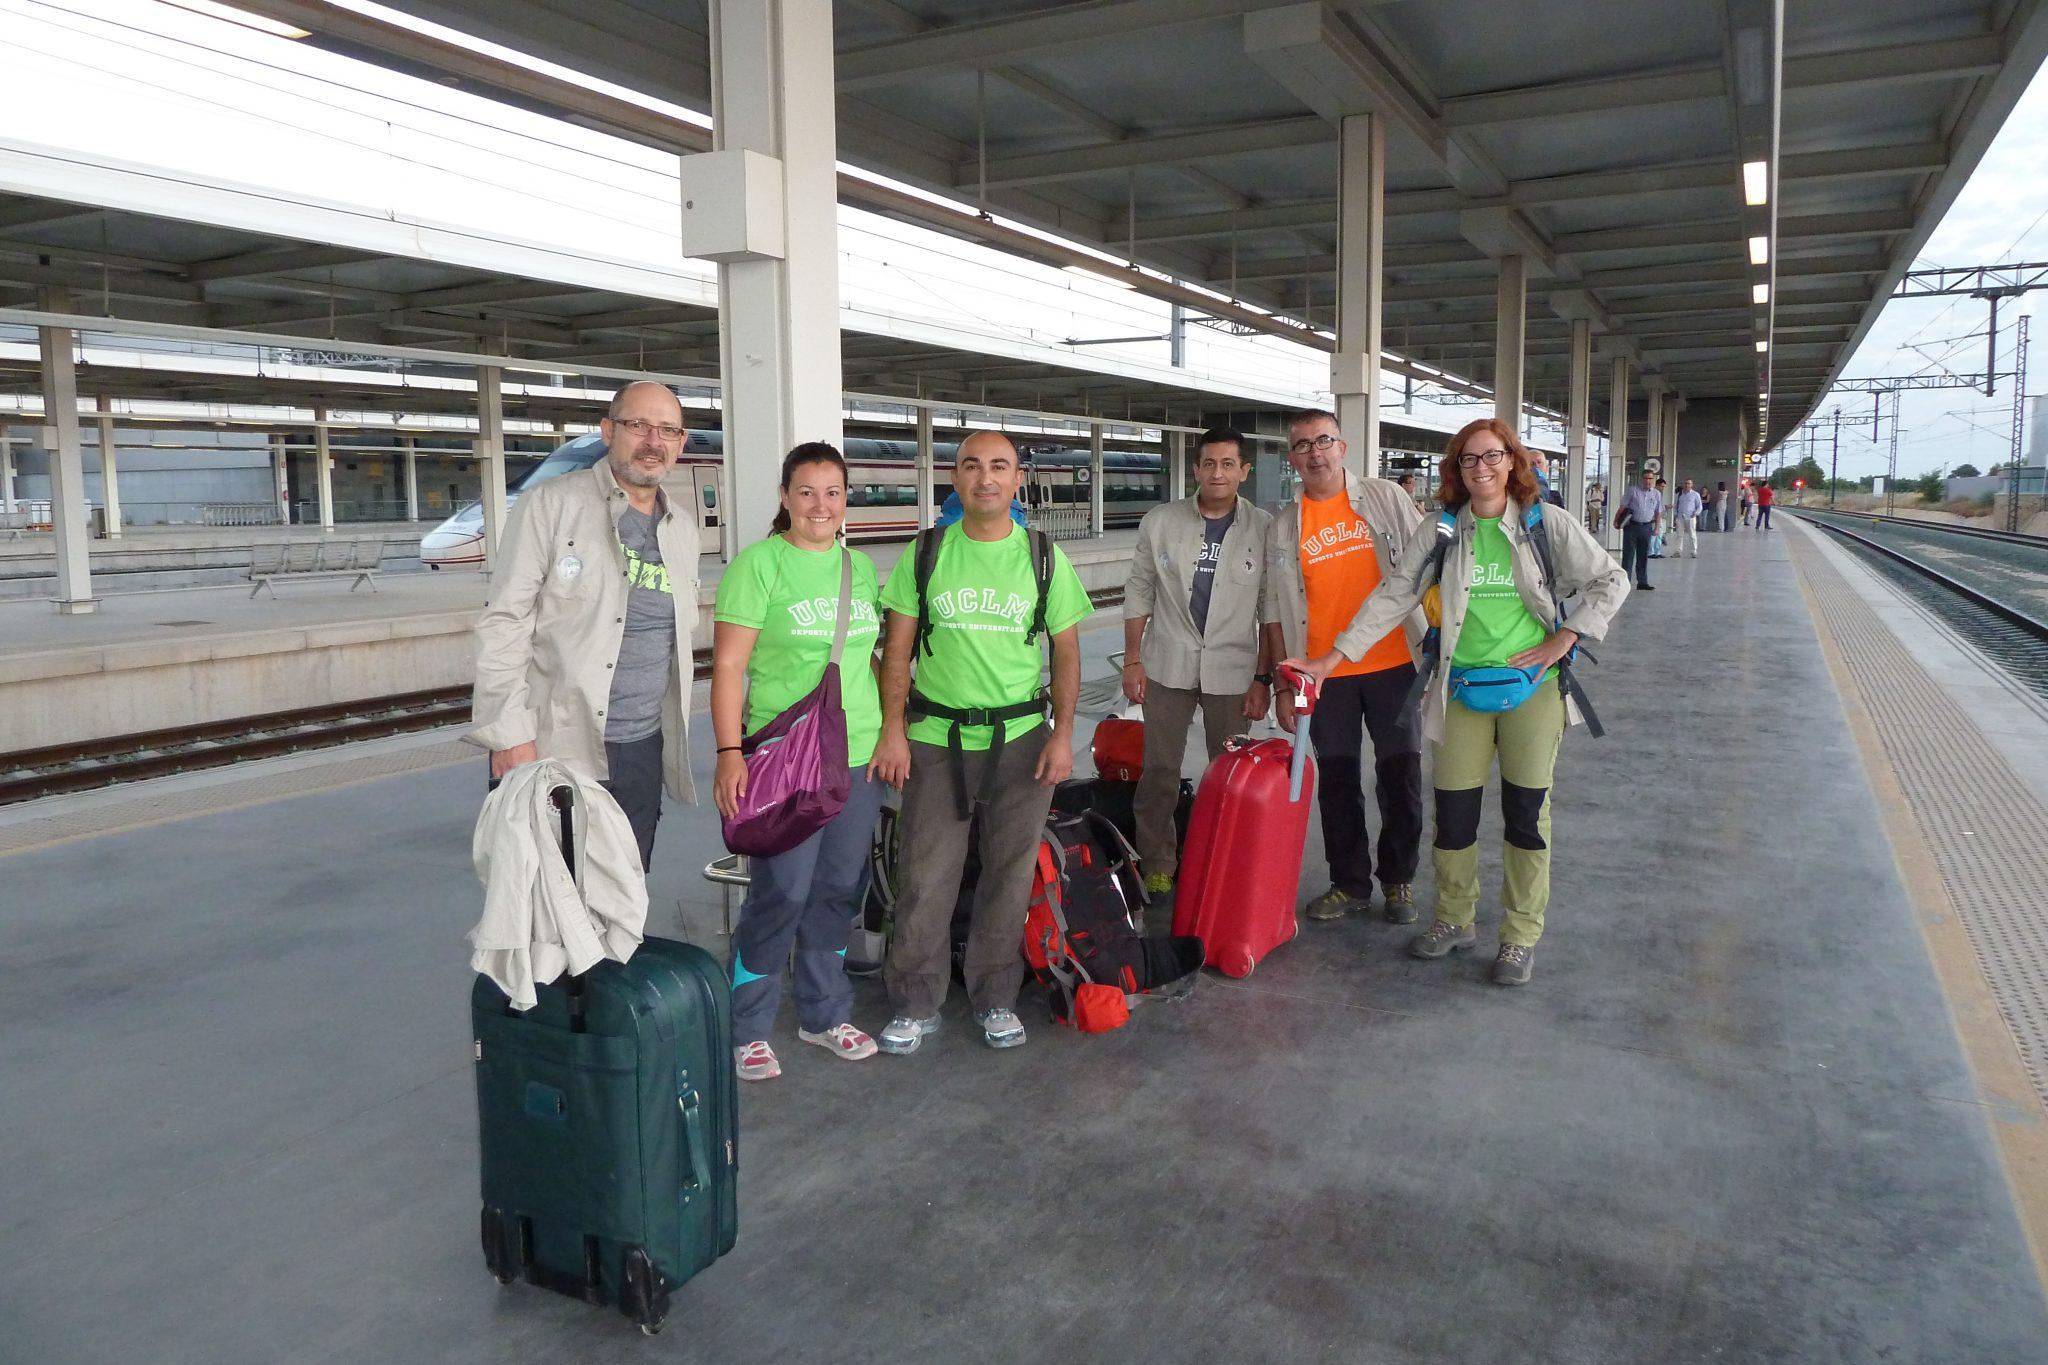 1 El Comienzodia 29 Julio 7 De La Manana Estacion De Albacete 1